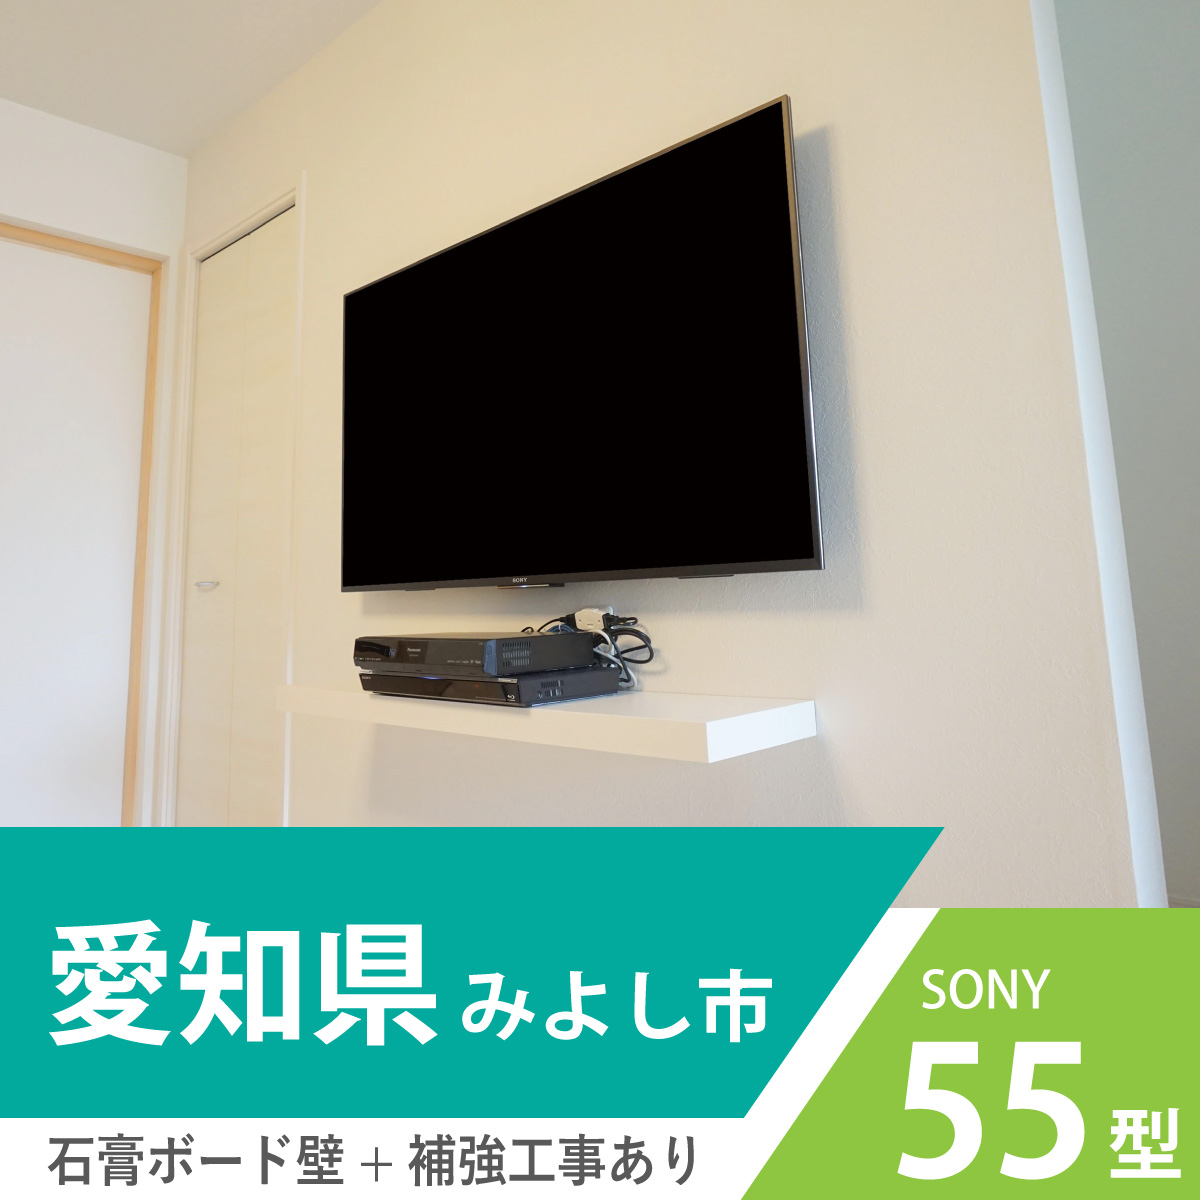 愛知県・みよし市で「白」がとても印象的なリビングに55インチ・ブラビア「KJ-55X8500E」とウォールシェルフの壁掛け